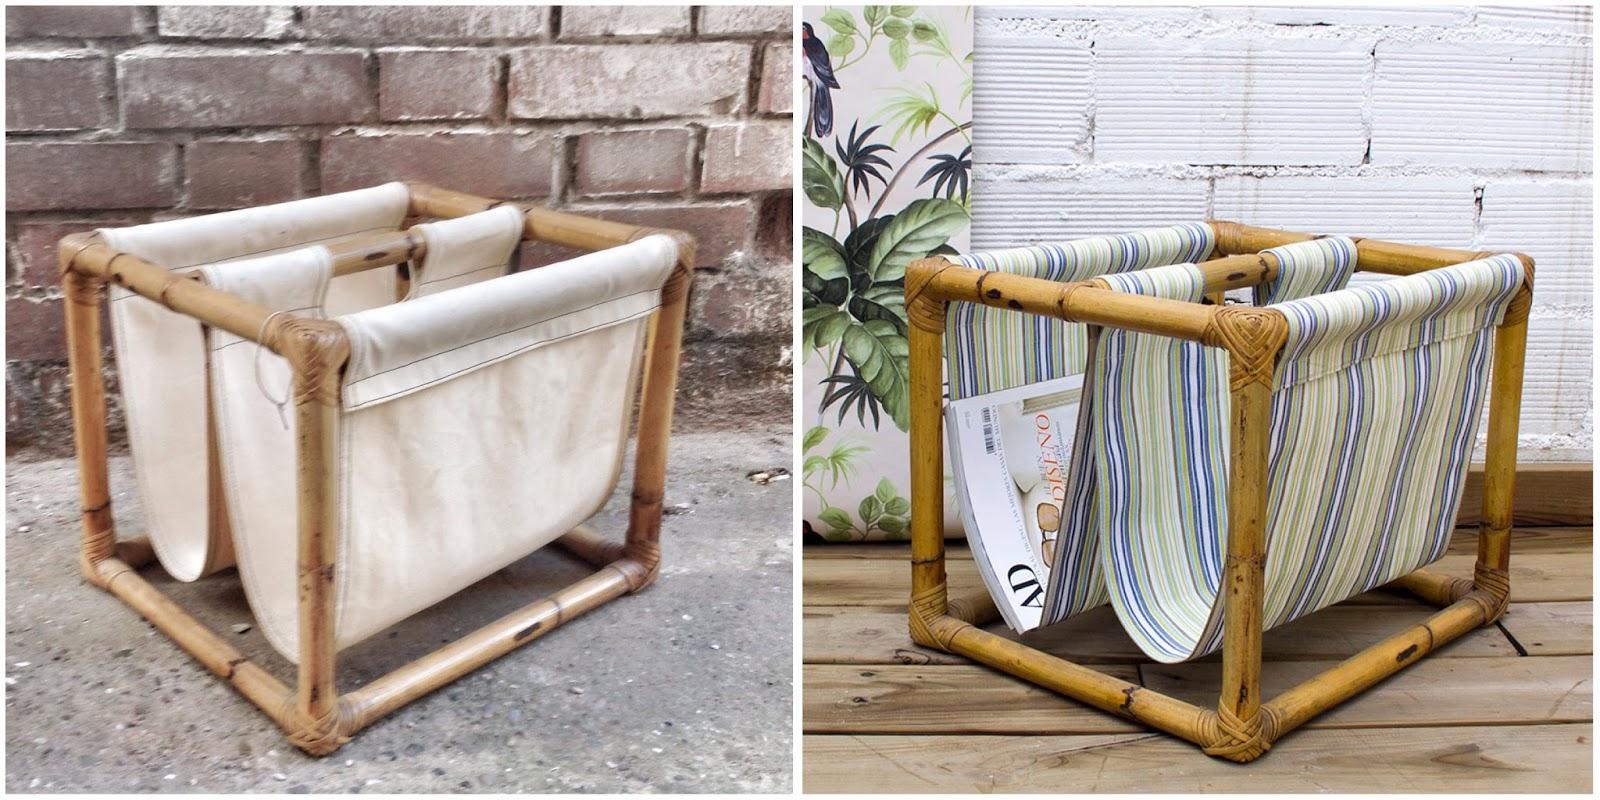 Antes y después - revistero de bambú - Studio Alis